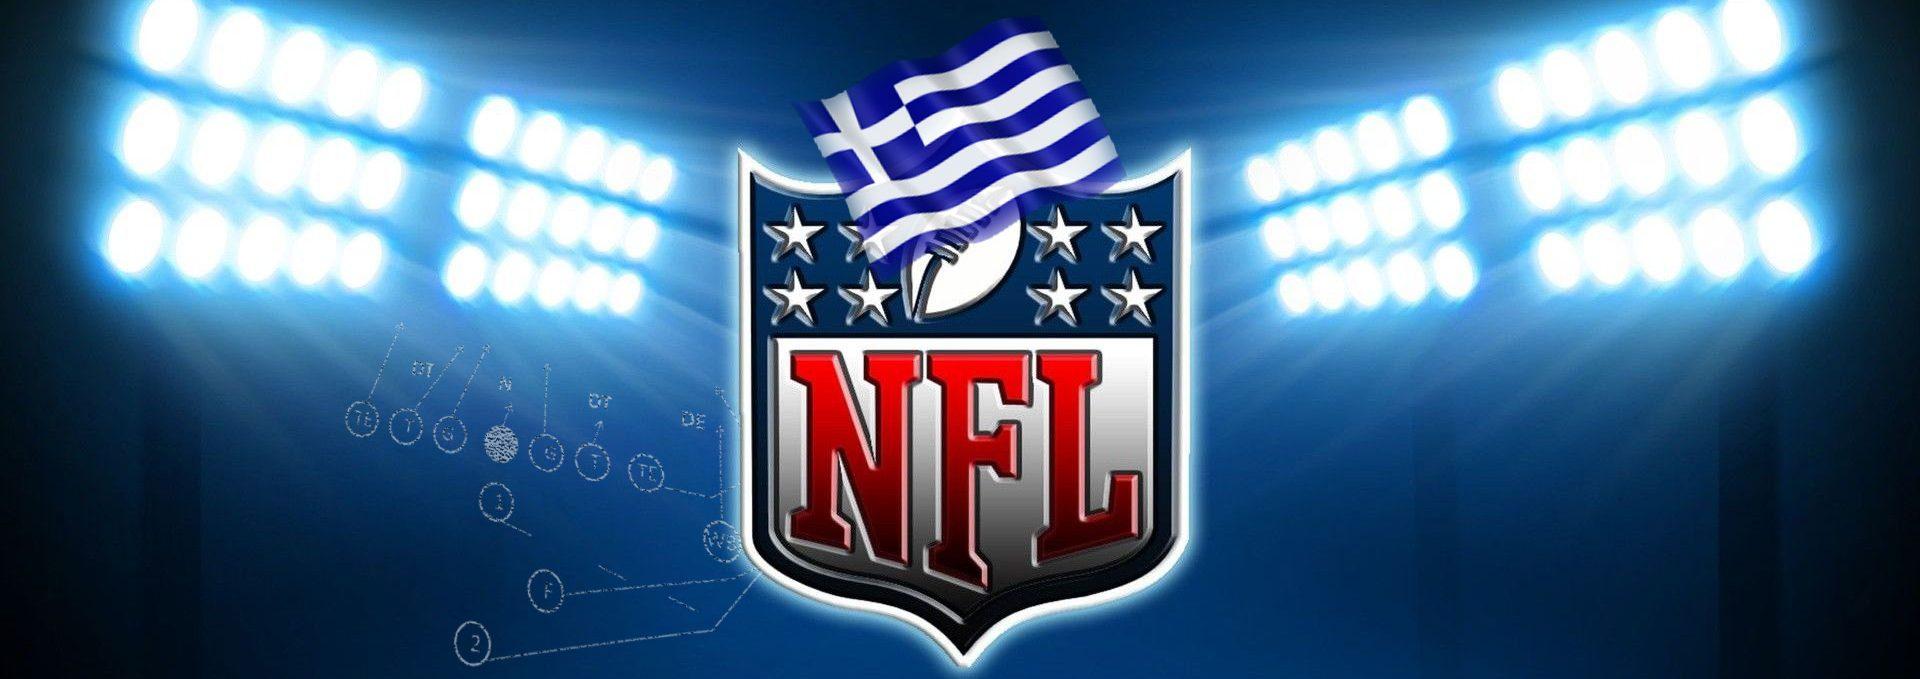 Άρθρα στα ελληνικά για το Αμερικανικό Ποδόσφαιρο